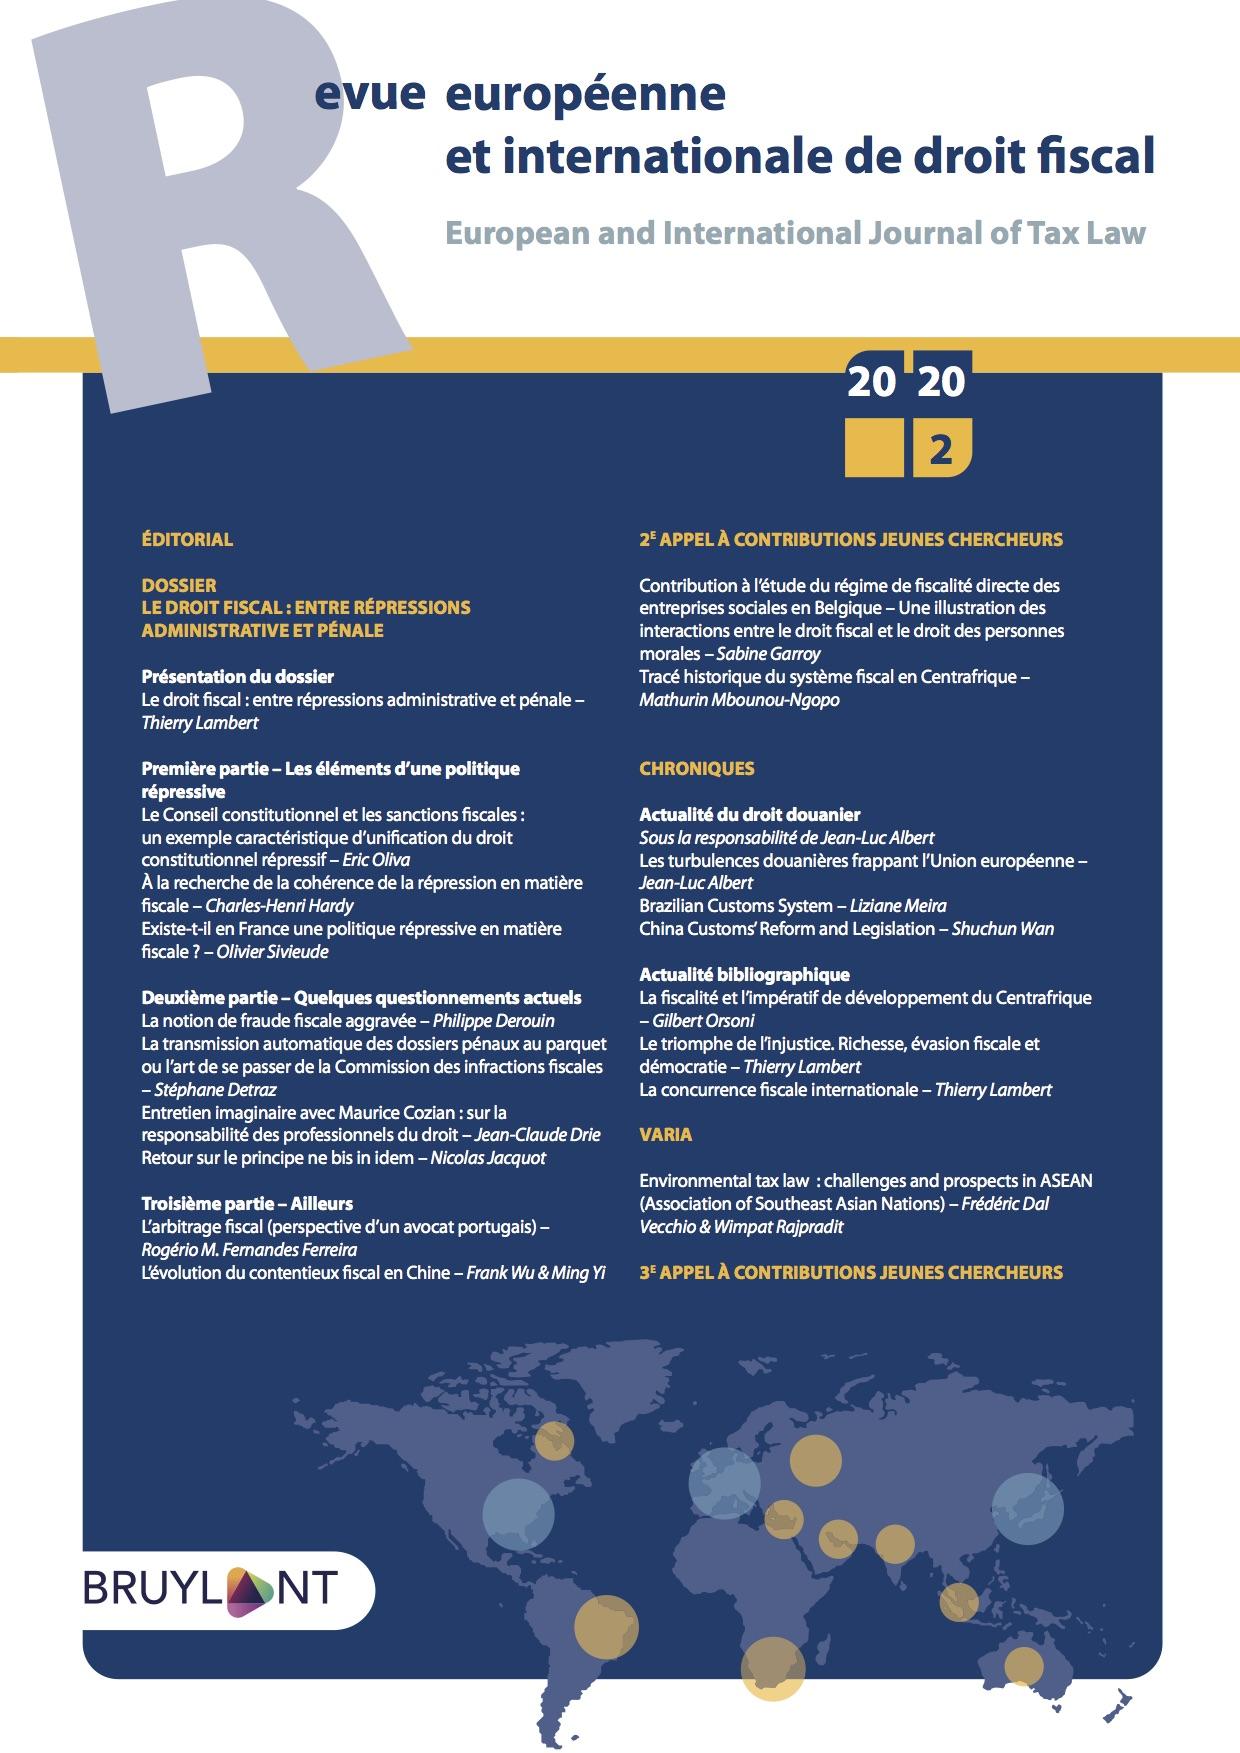 Droit fiscal de l'environnement : questionnements et perspectives au sein de l'ASEAN (Association des Nations de l'Asie du Sud-Est)